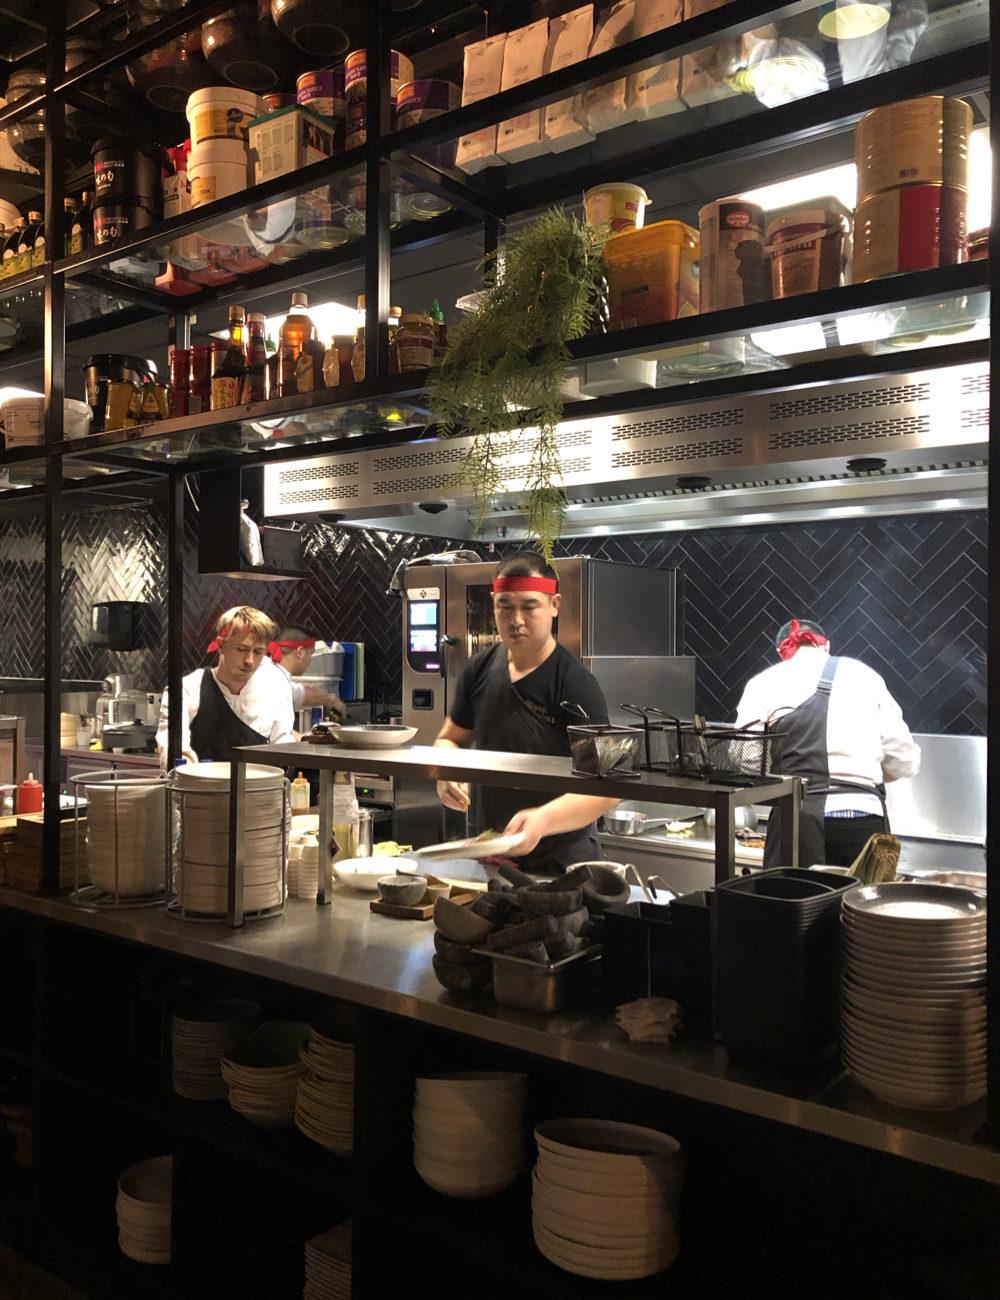 De open keuken met Aziatische koks aan het werk